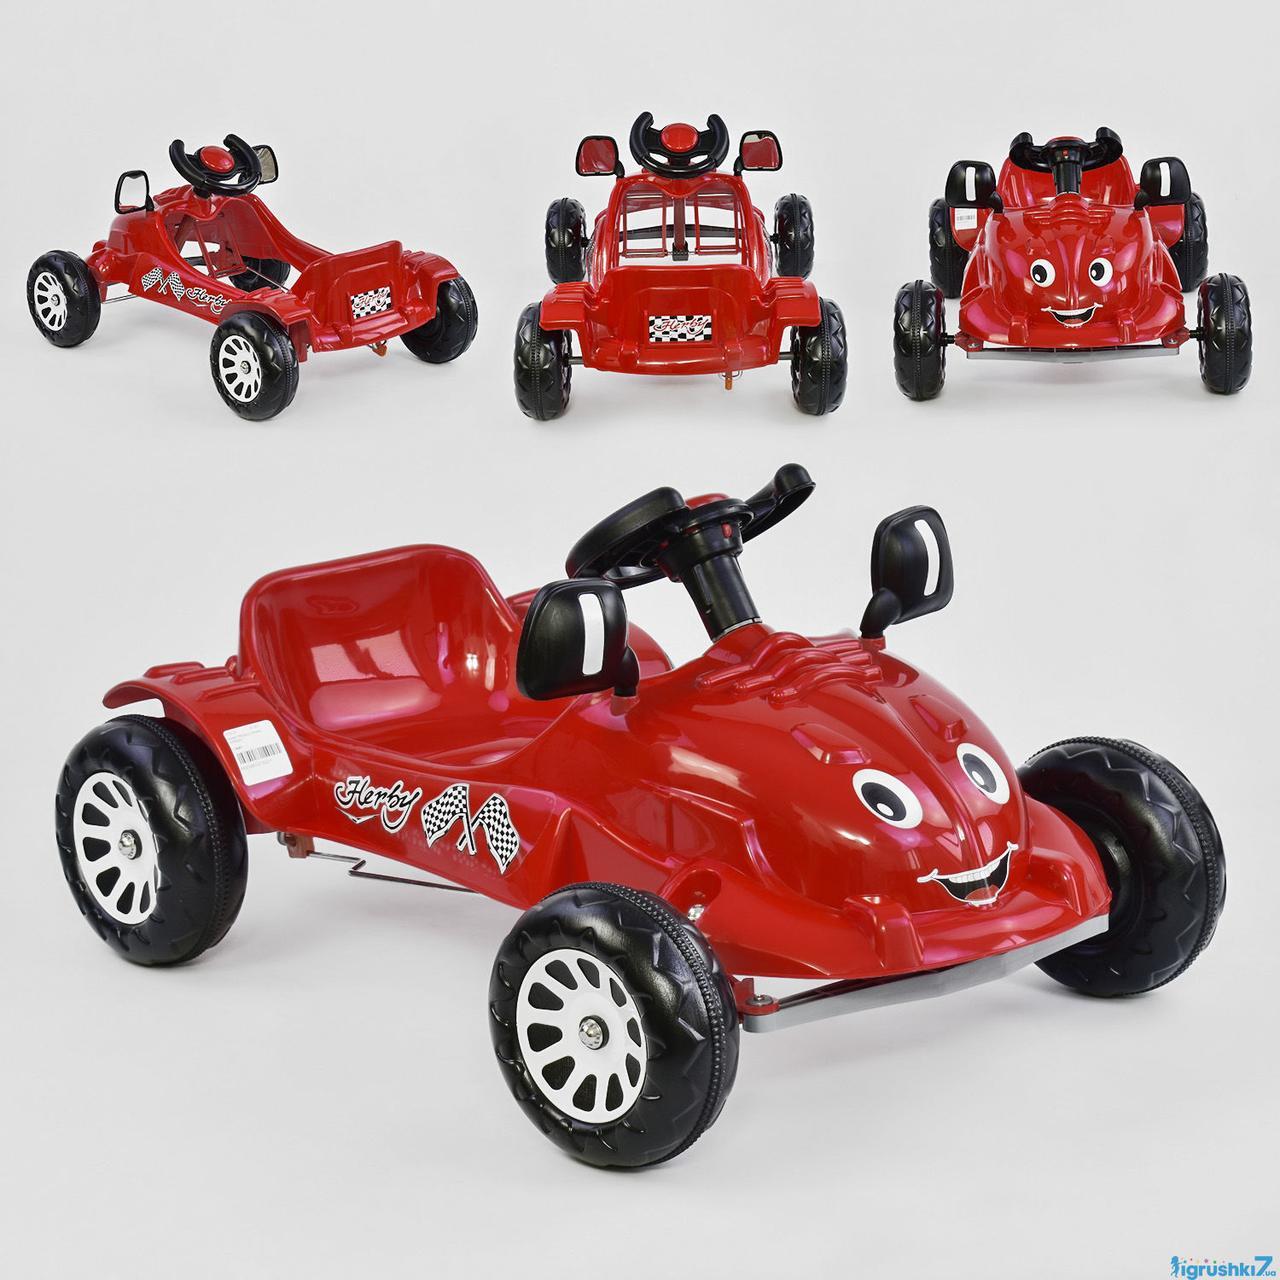 Машина педальная HERBY 07-302 (1) цвет КРАСНЫЙ в кульке (игрушки7)